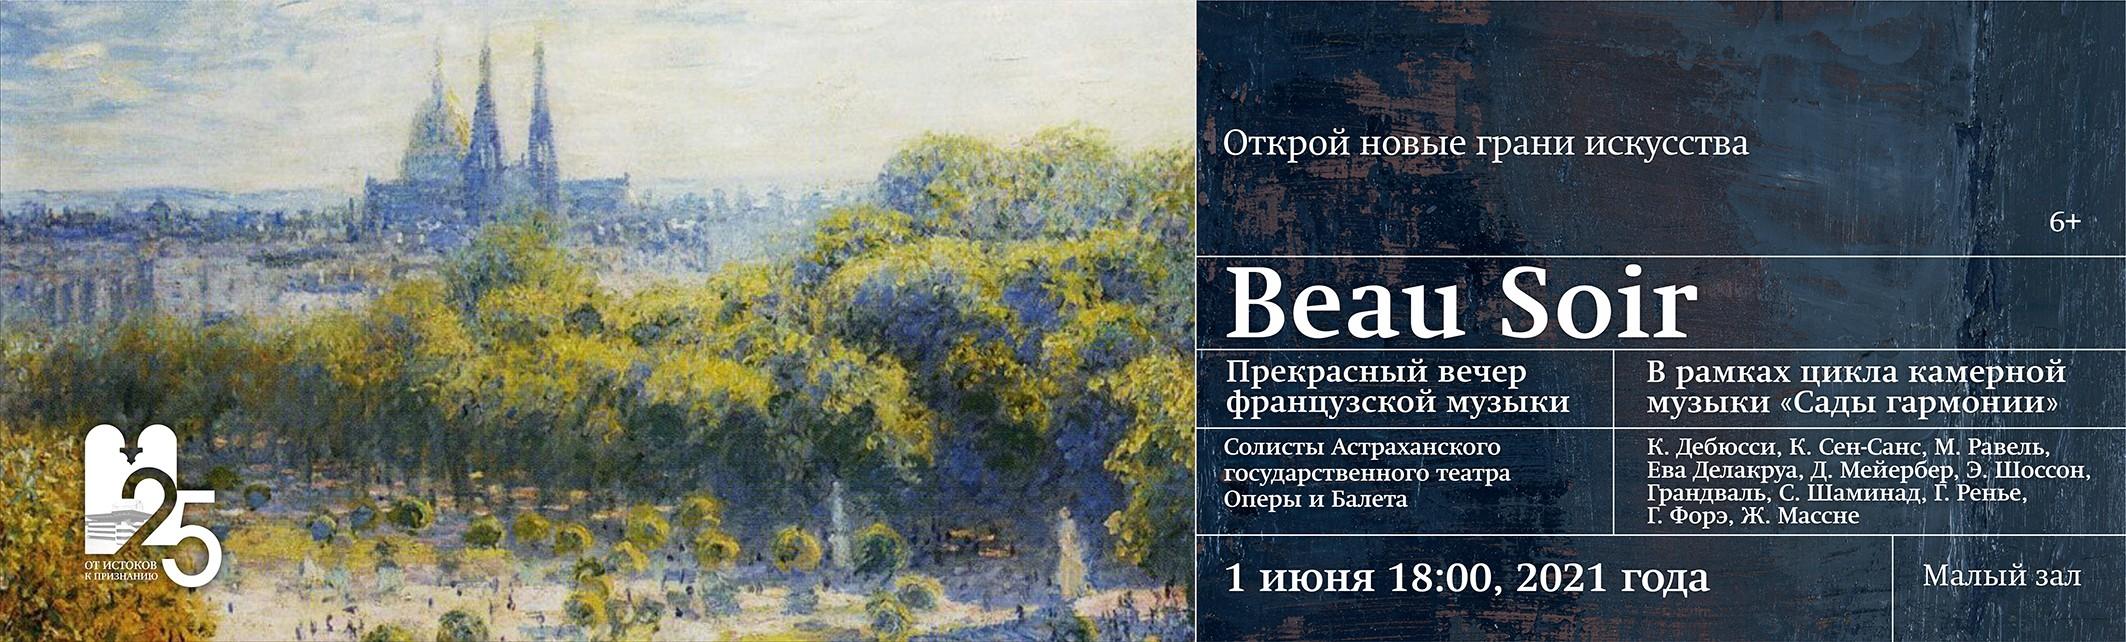 """Концерт Сады гармонии.""""Beau Soir"""". Вечер французской музыки."""